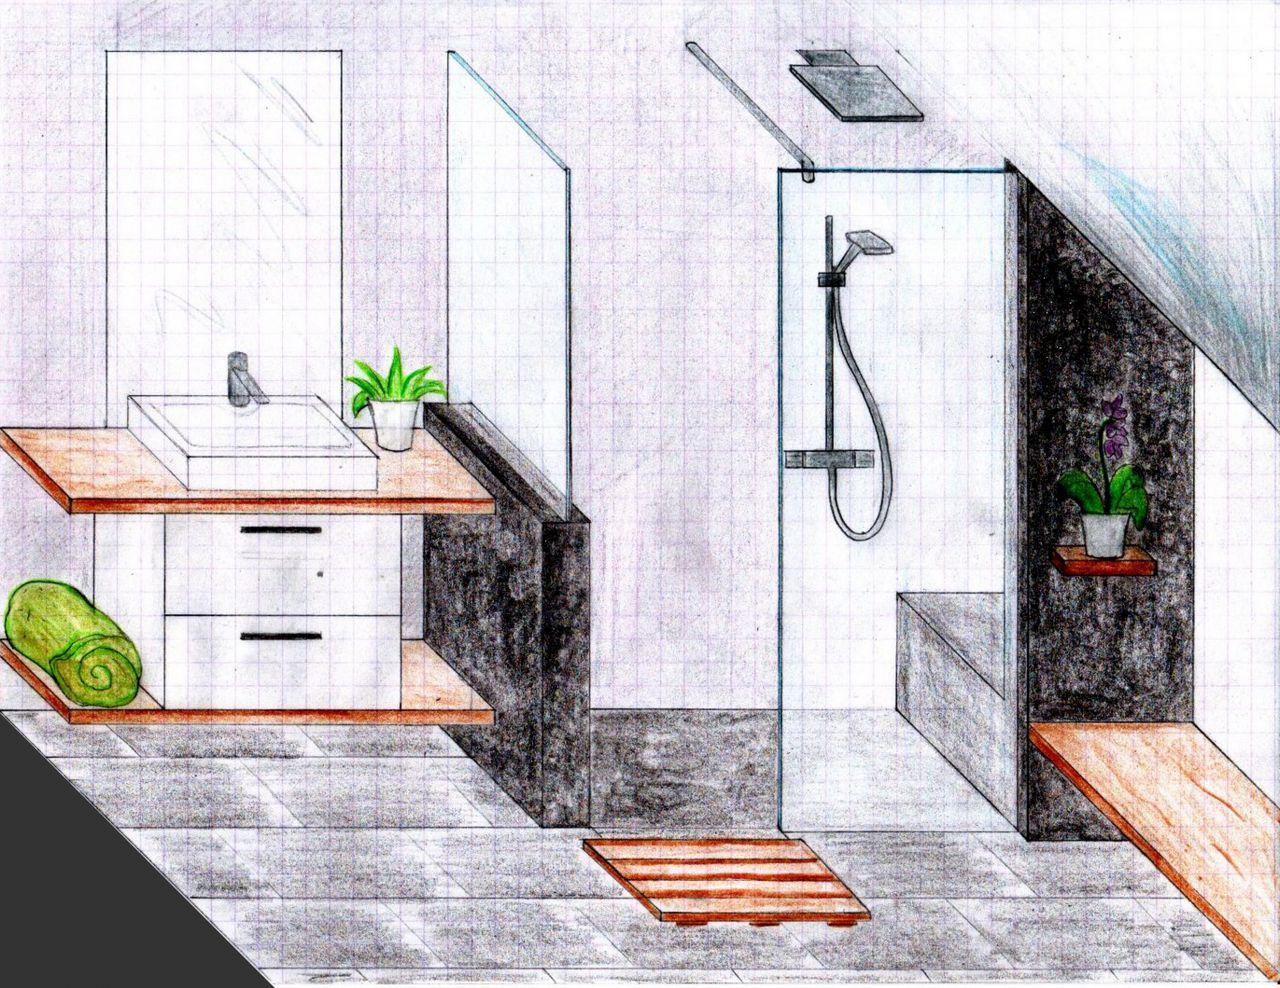 Photo dessin en vue 3d de la salle d 39 eau parents for Dessin salle de bain 3d